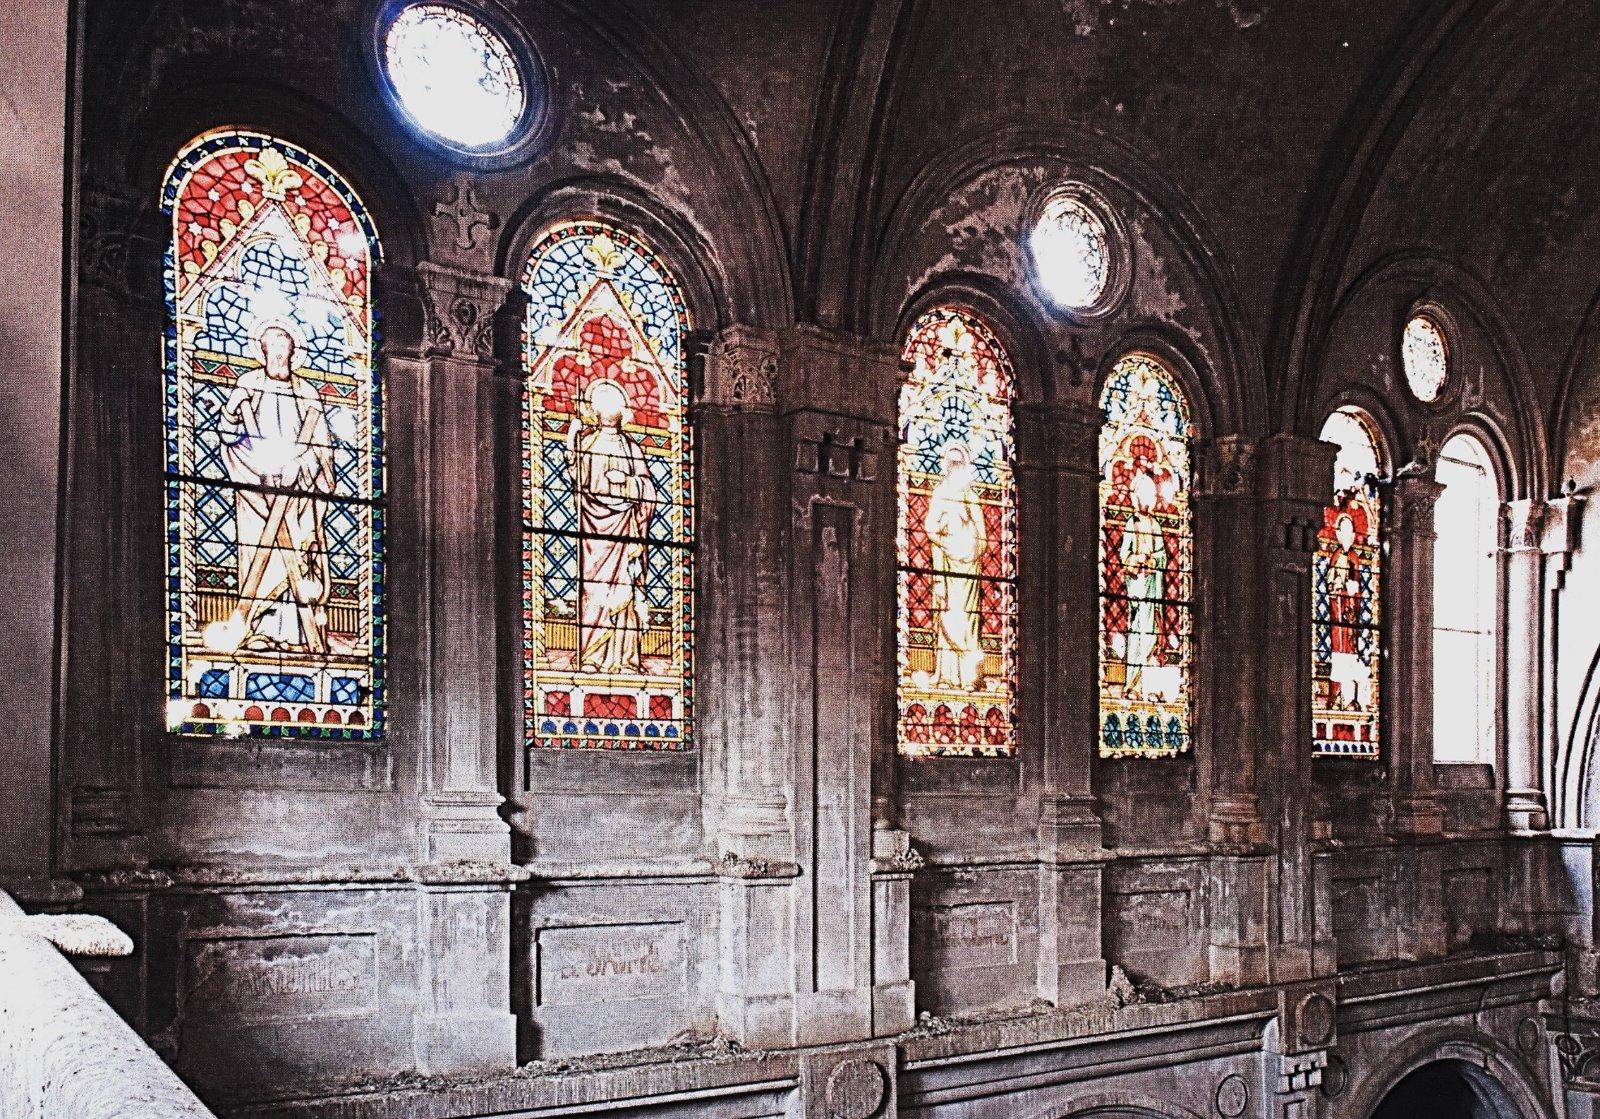 vitralls església mental